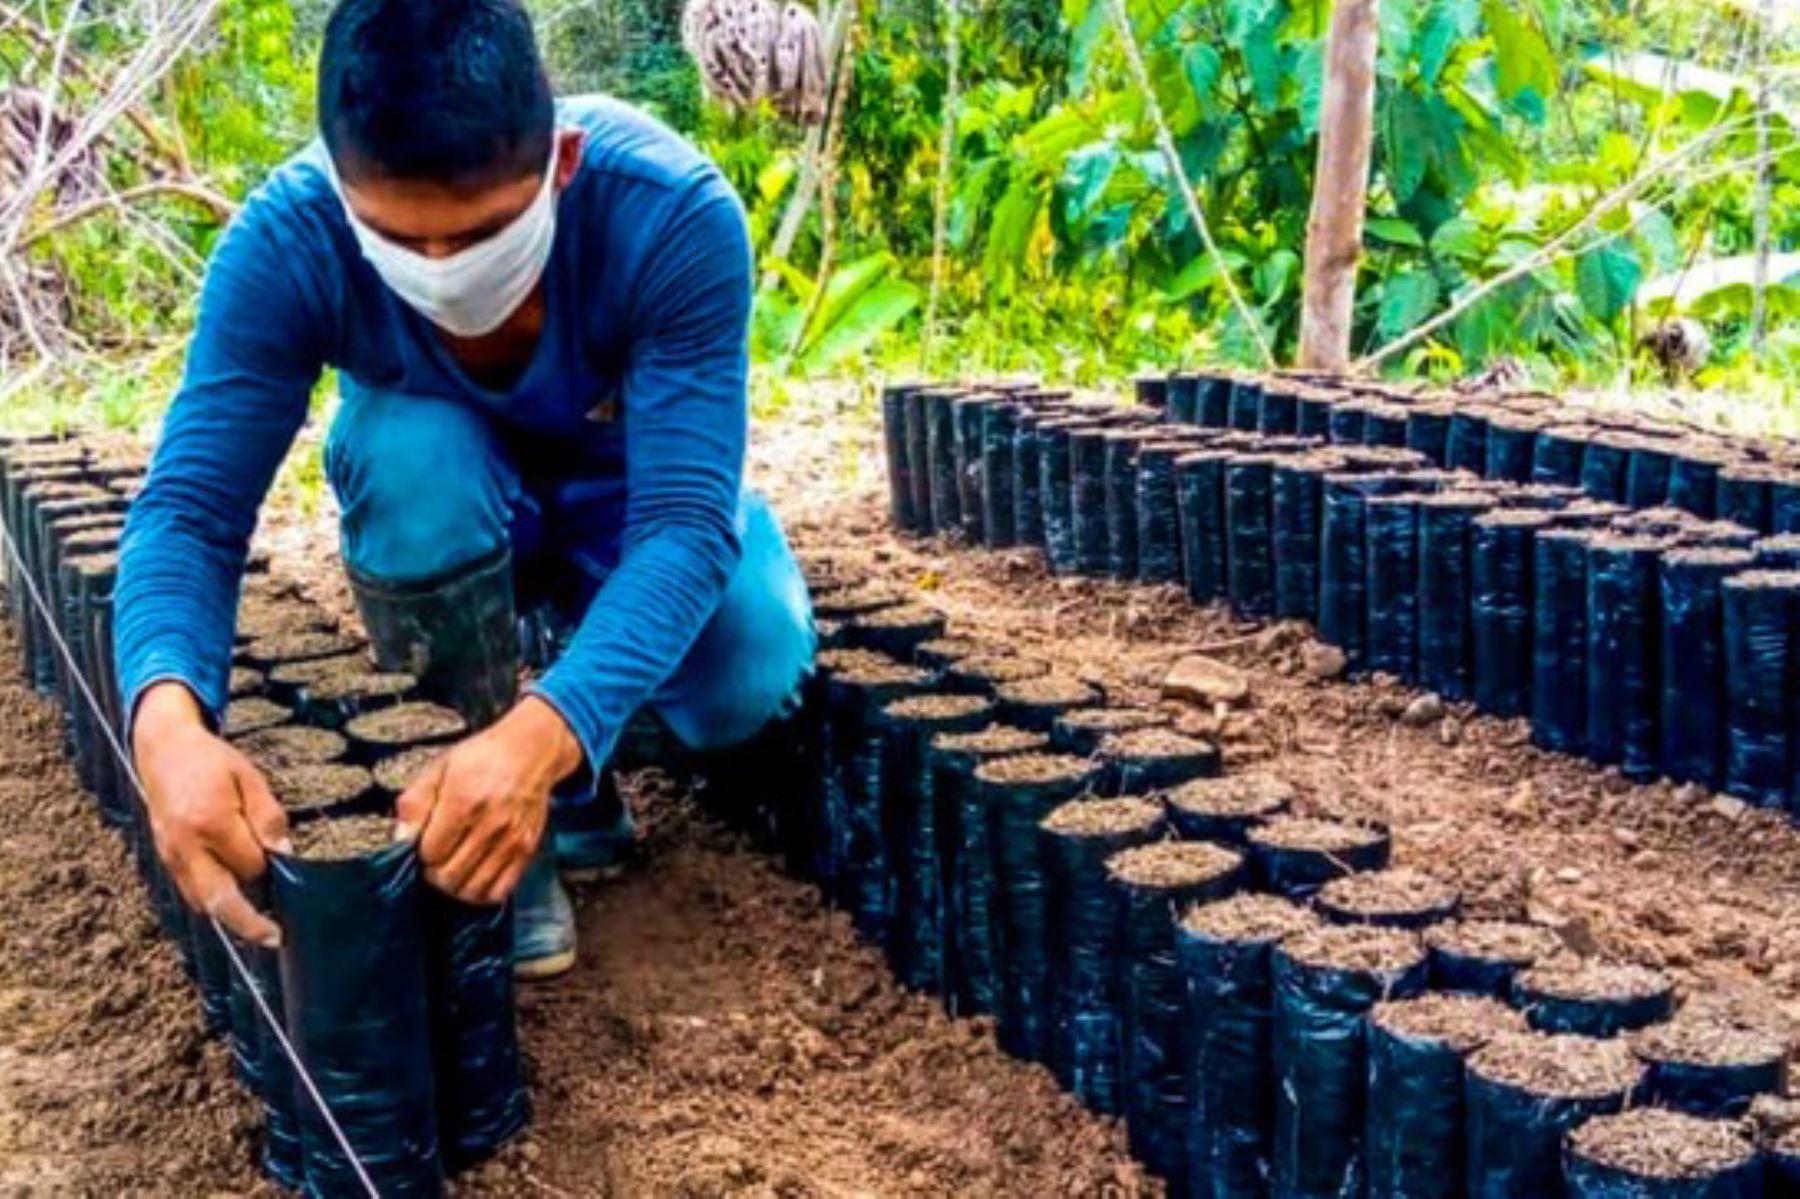 La asistencia de Devida está dirigida a 90 familias cacaoteras de los distritos de Pueblo Nuevo, Luyando, Castillo Grande, Rupa Rupa y Monzón, cuyas parcelas se encuentran en etapa de instalación en 91 hectáreas de cultivo. Foto: ANDINA/Difusión